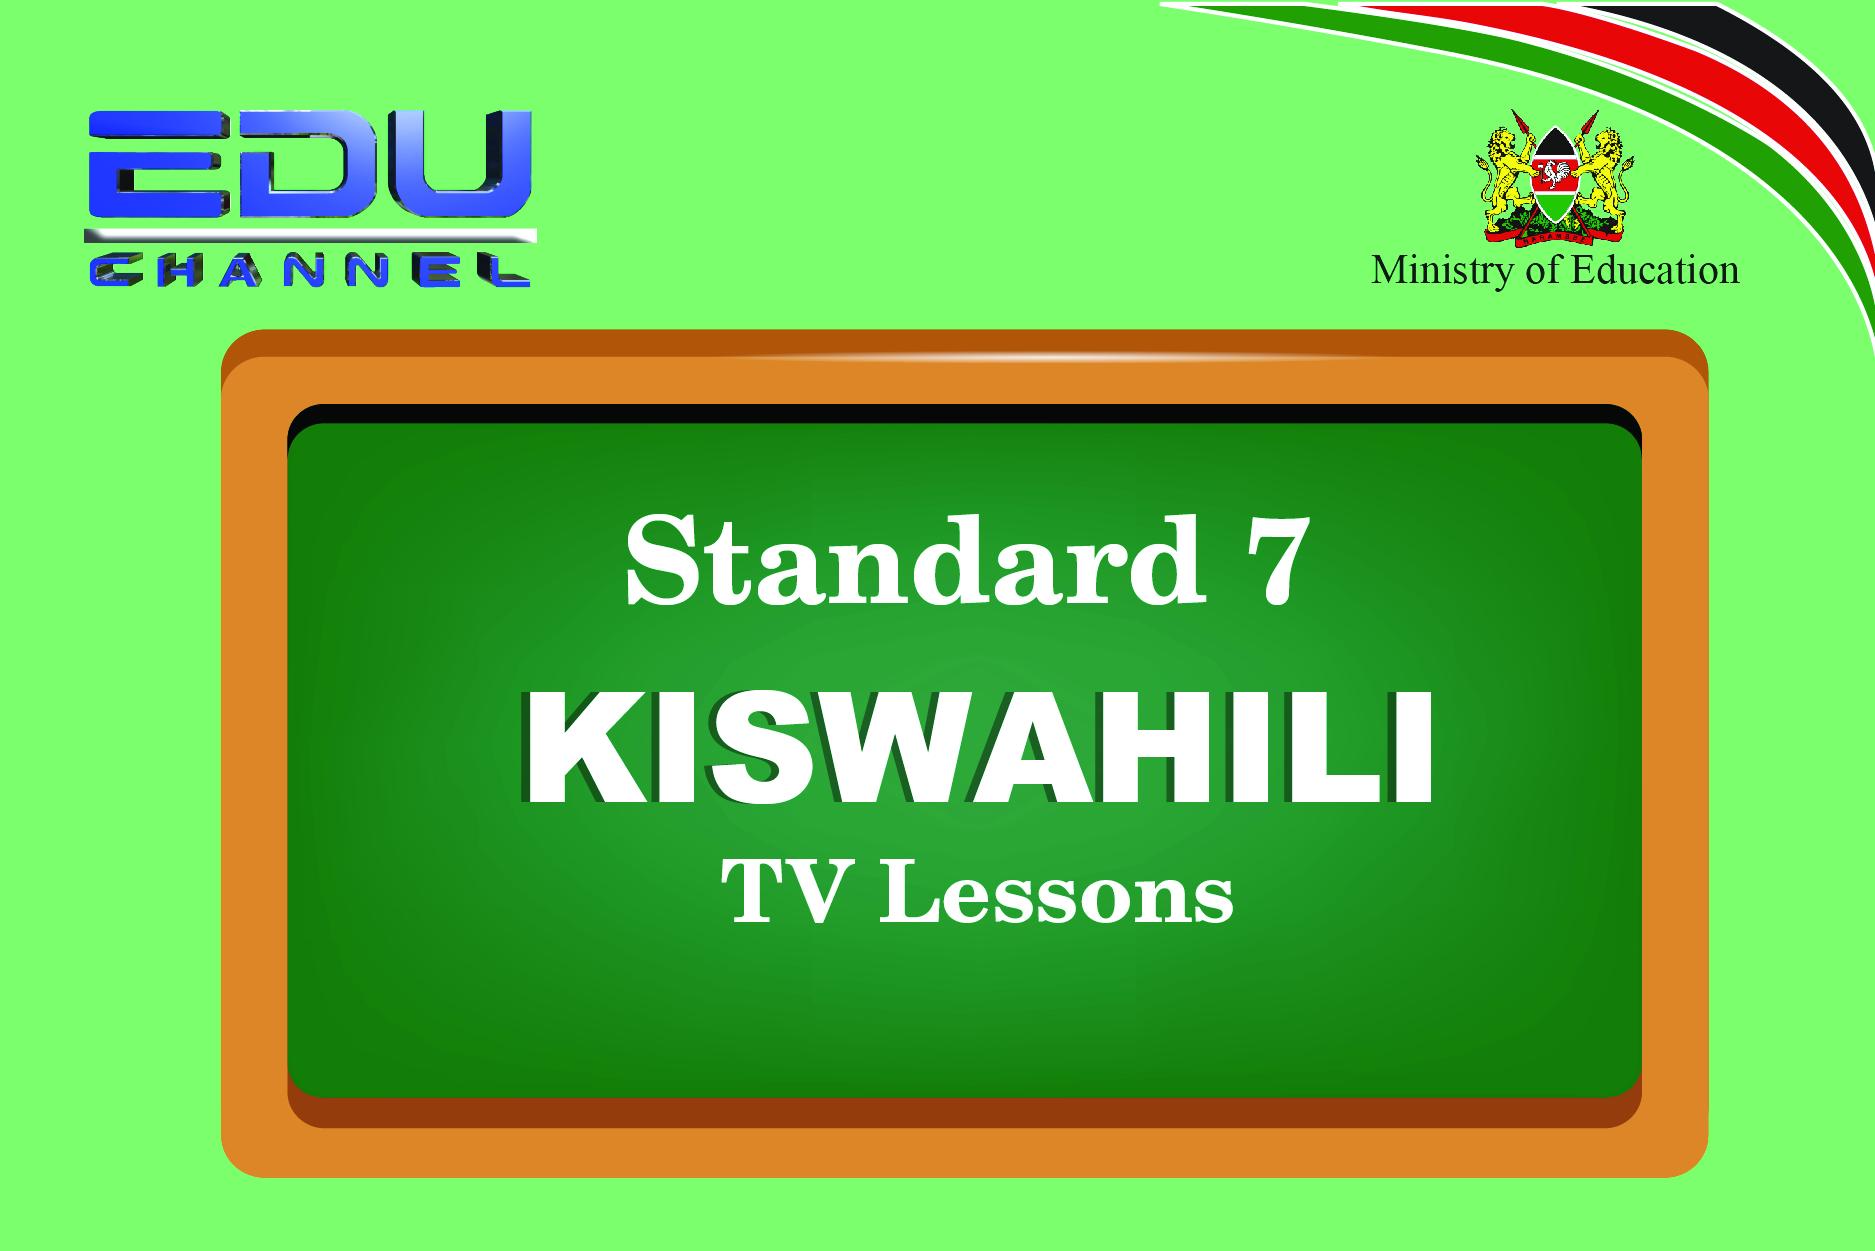 Standard 7 Kiswahili Lesson 2: Kuandika Insha Barua ya Kirafiki